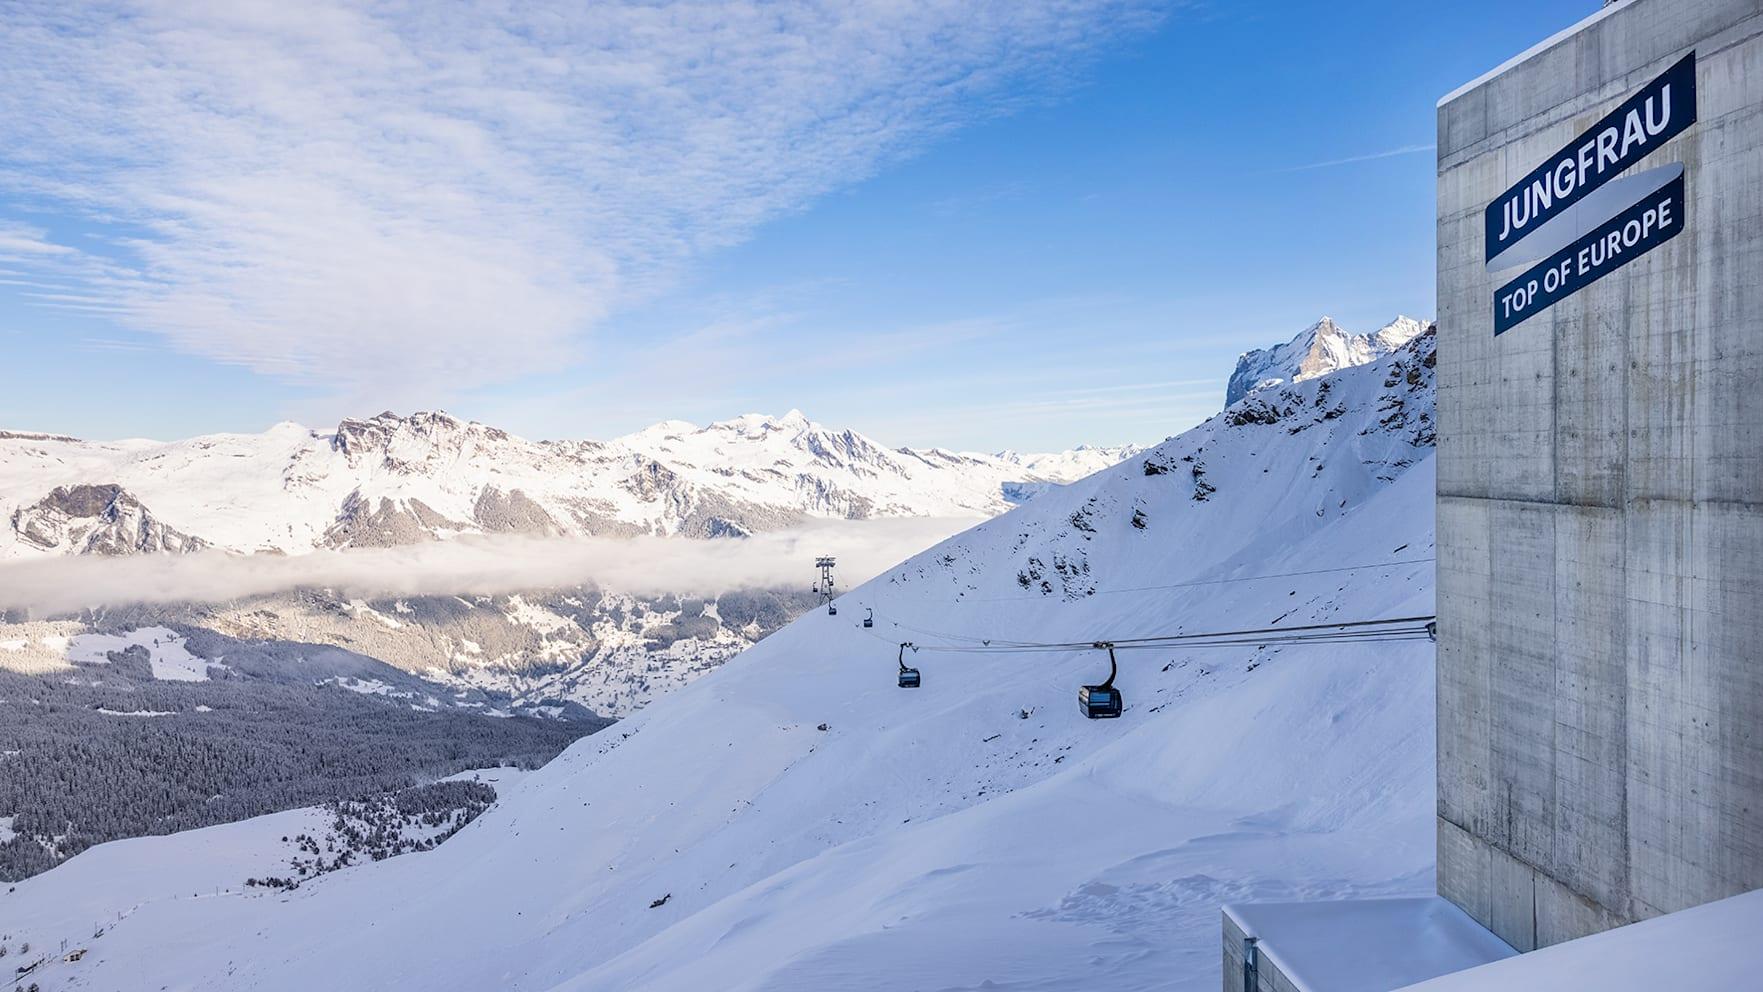 Eigergletscher Eiger Express Grindelwald Winter